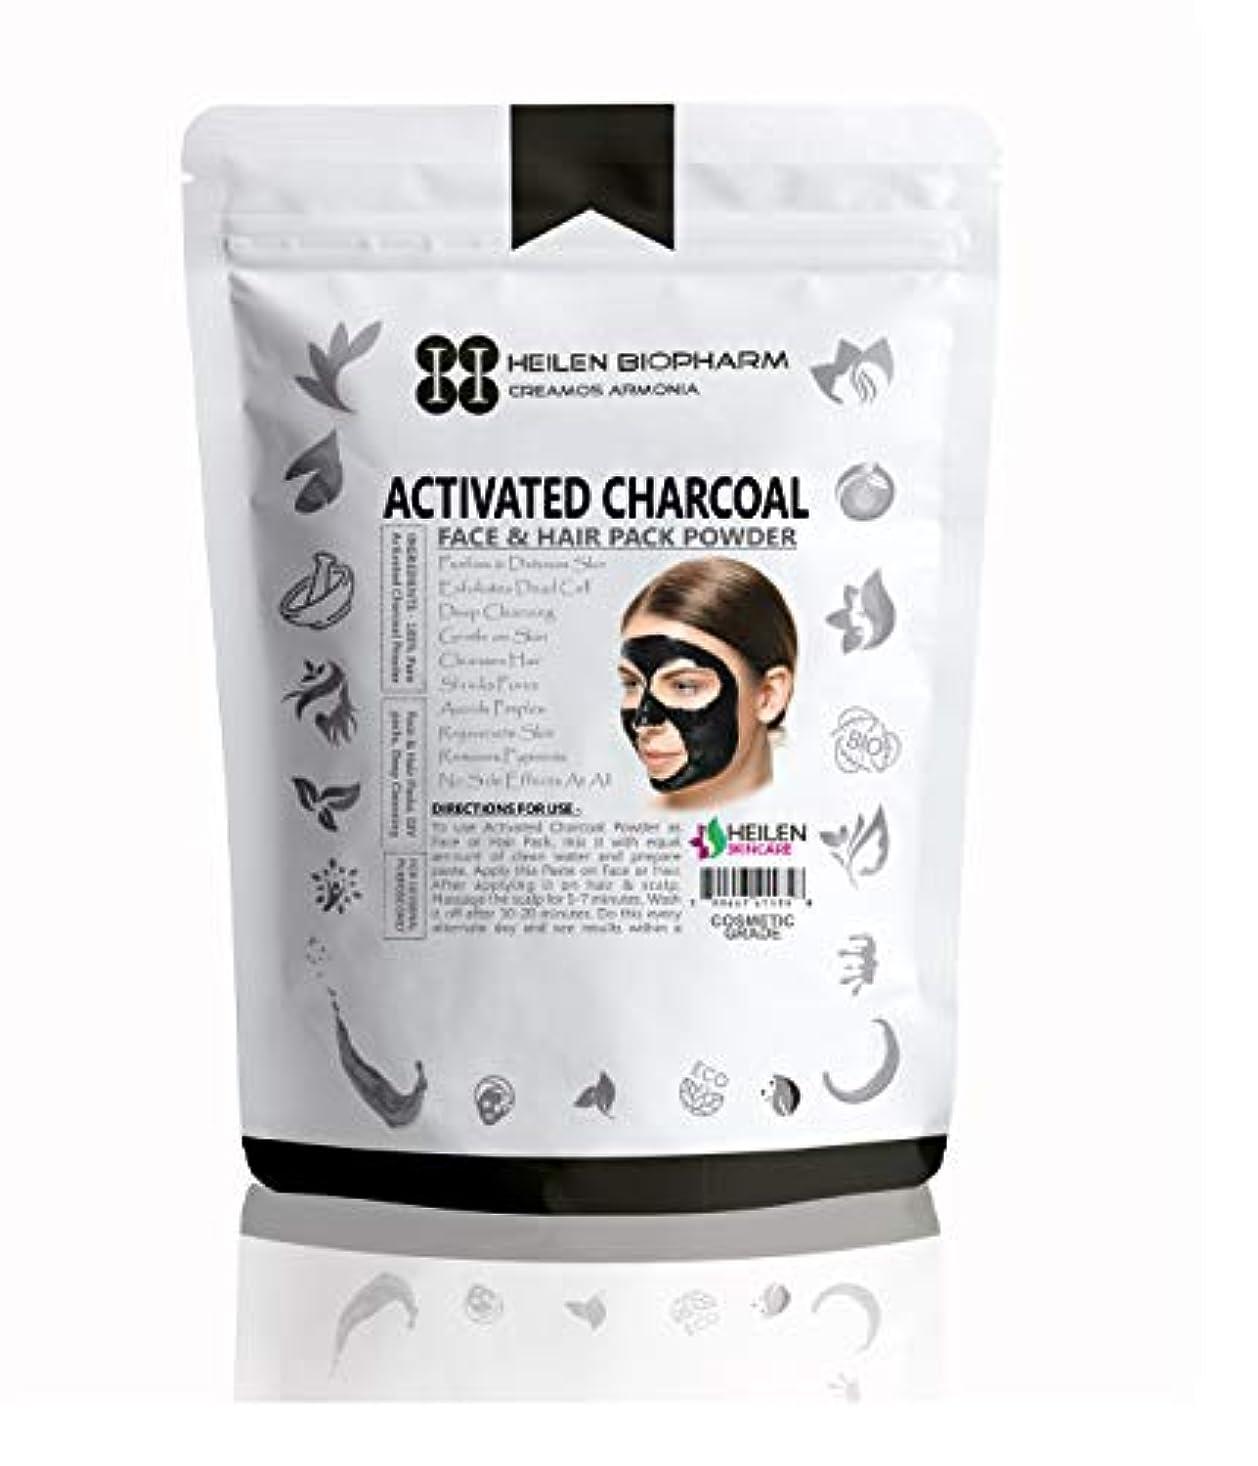 縮れたコメント懺悔活性化チャコールパウダー(フェイスパック用)(Activated Charcoal Powder for Face Pack) (200 gm / 7 oz / 0.44 lb)